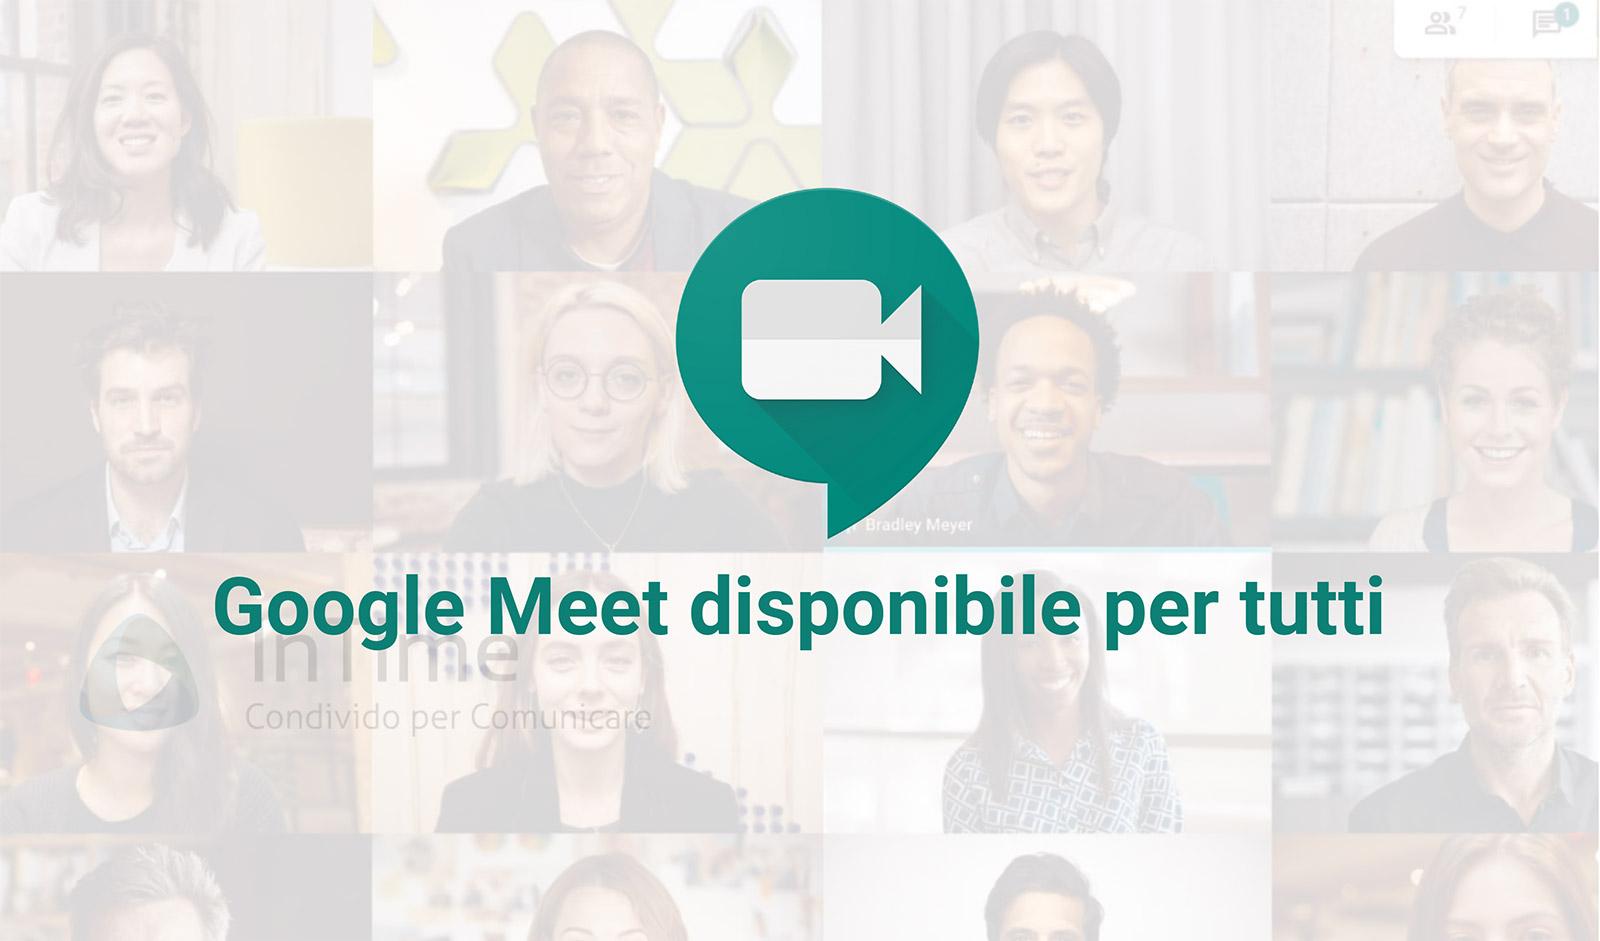 Coronavirus: Google Meet ha 3 milioni di nuovi utenti al giorno